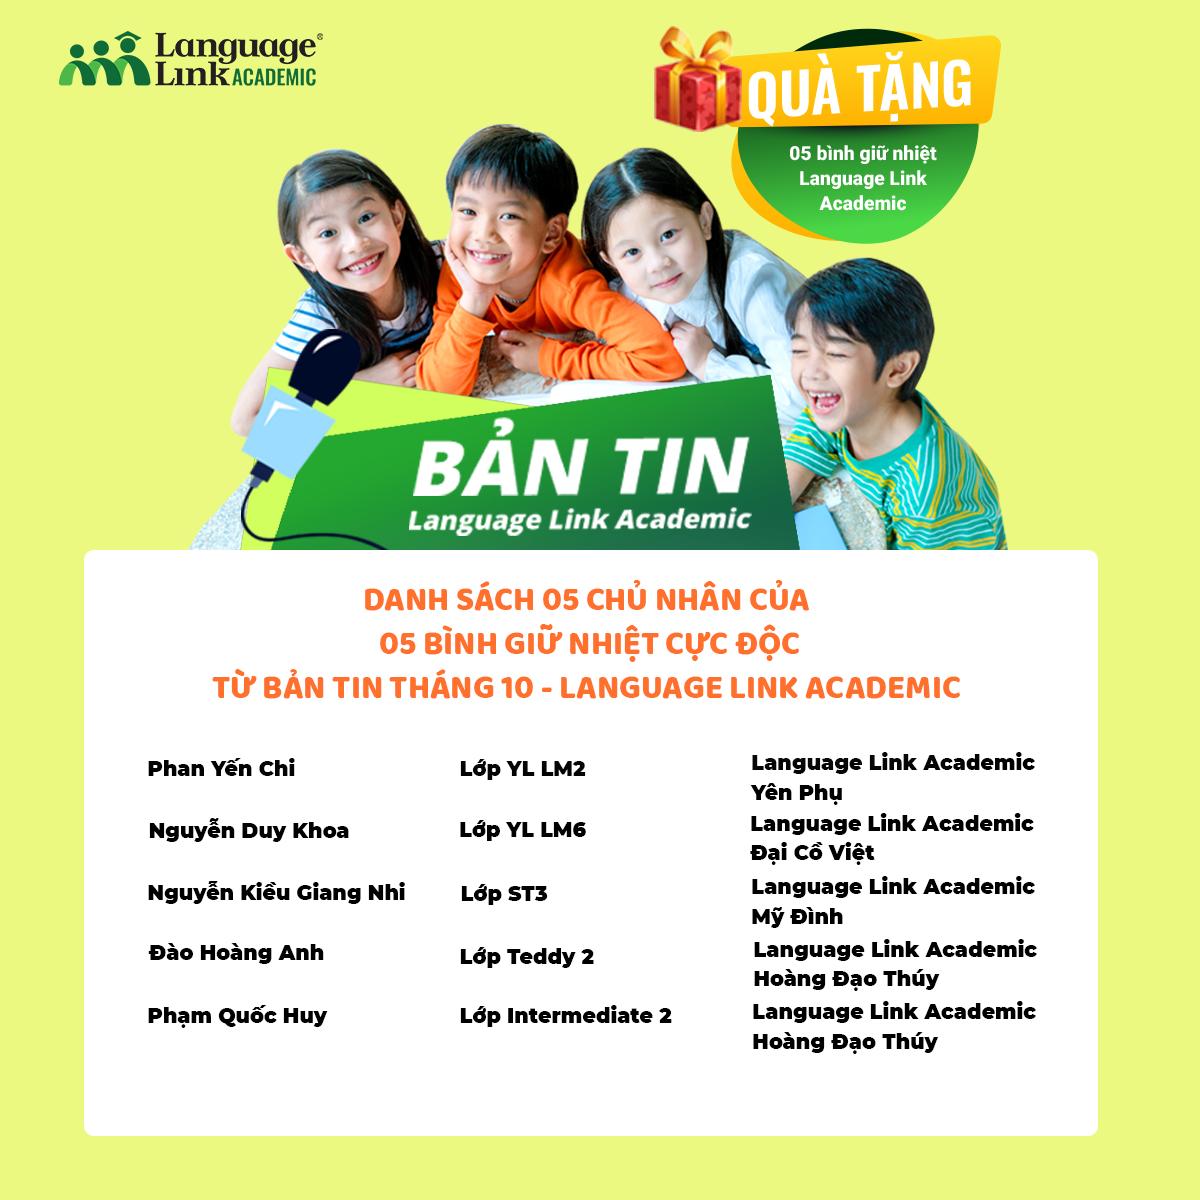 Danh sách các bạn học sinh nhận quà tặng từ bản tin tháng 10 Language Link Academic